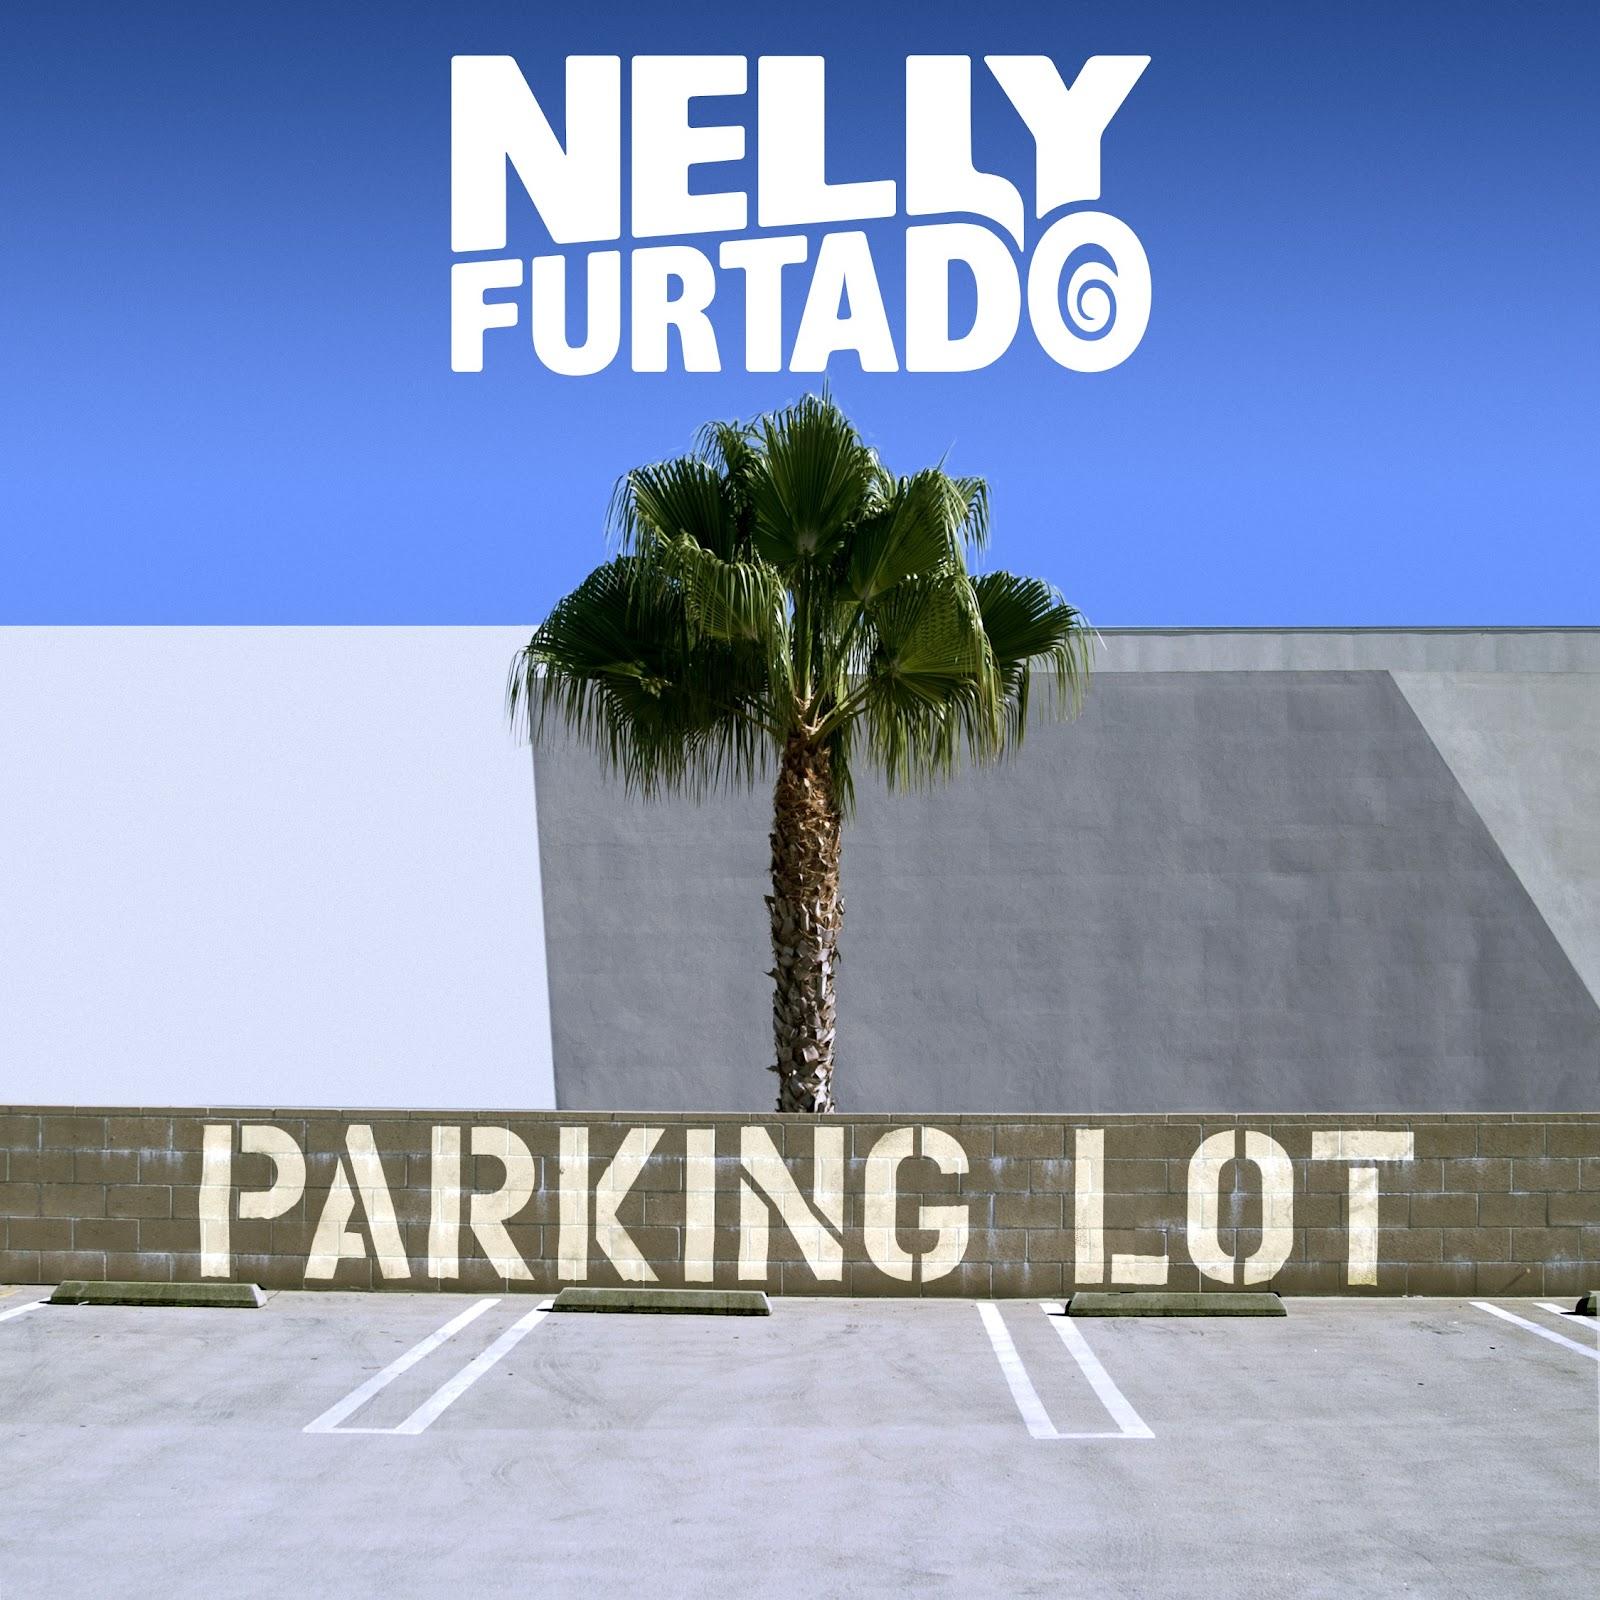 http://4.bp.blogspot.com/-oMY_kyy8OgI/UFivgEFNOOI/AAAAAAAACHo/HuZ0OneaJ40/s1600/Nelly-Furtado-Parking-Lot.jpg